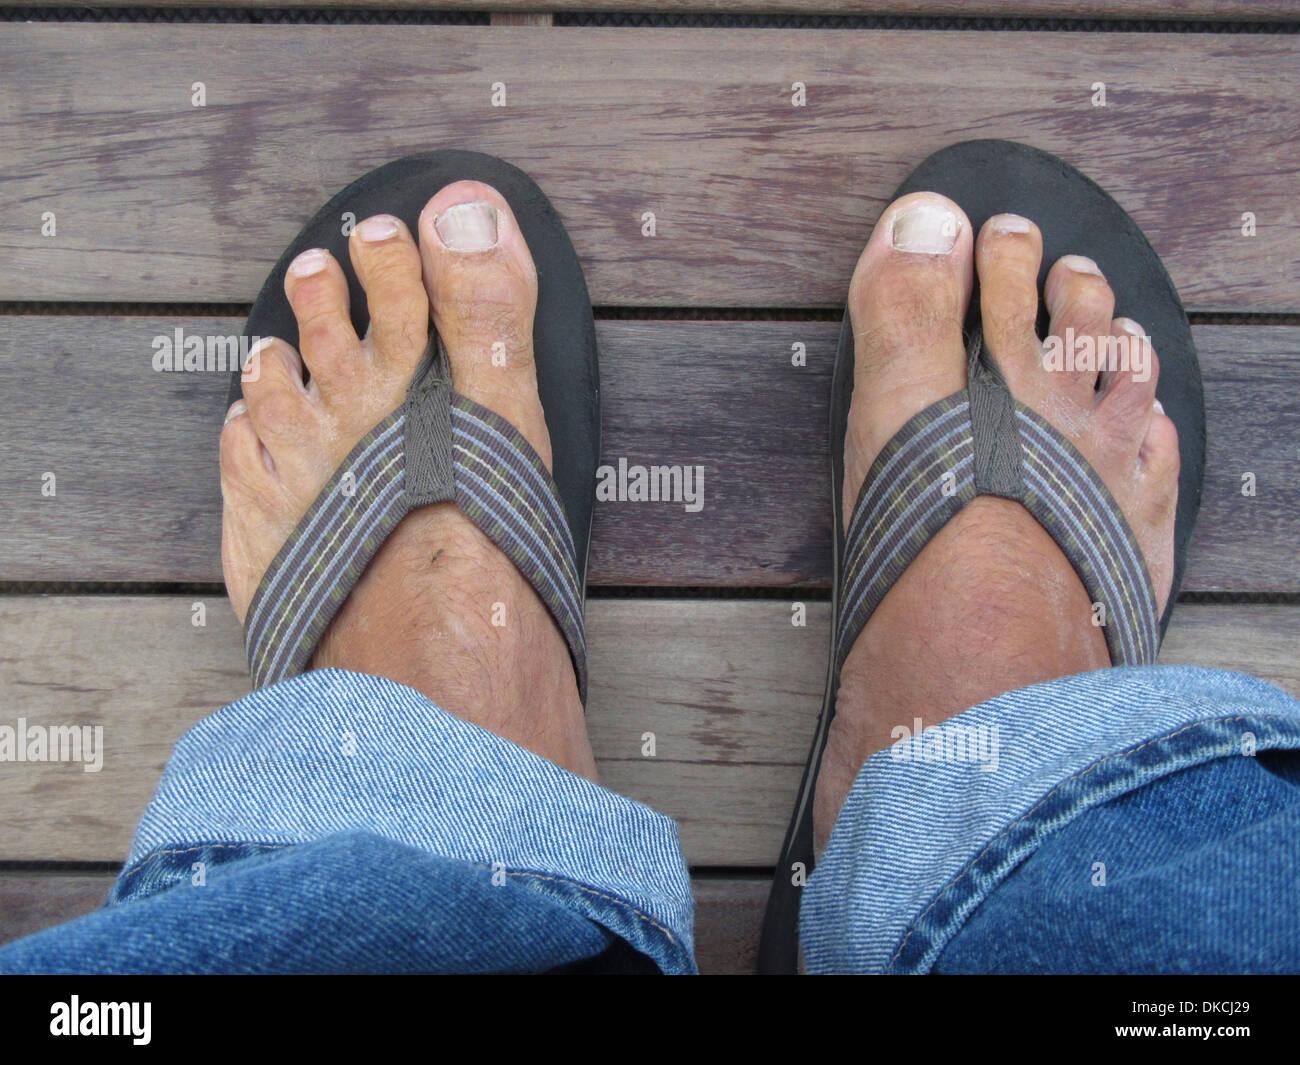 Una coppia di piedi nudi in Sandali e infradito. Una zanzara è mordere il piede sinistro. Immagini Stock